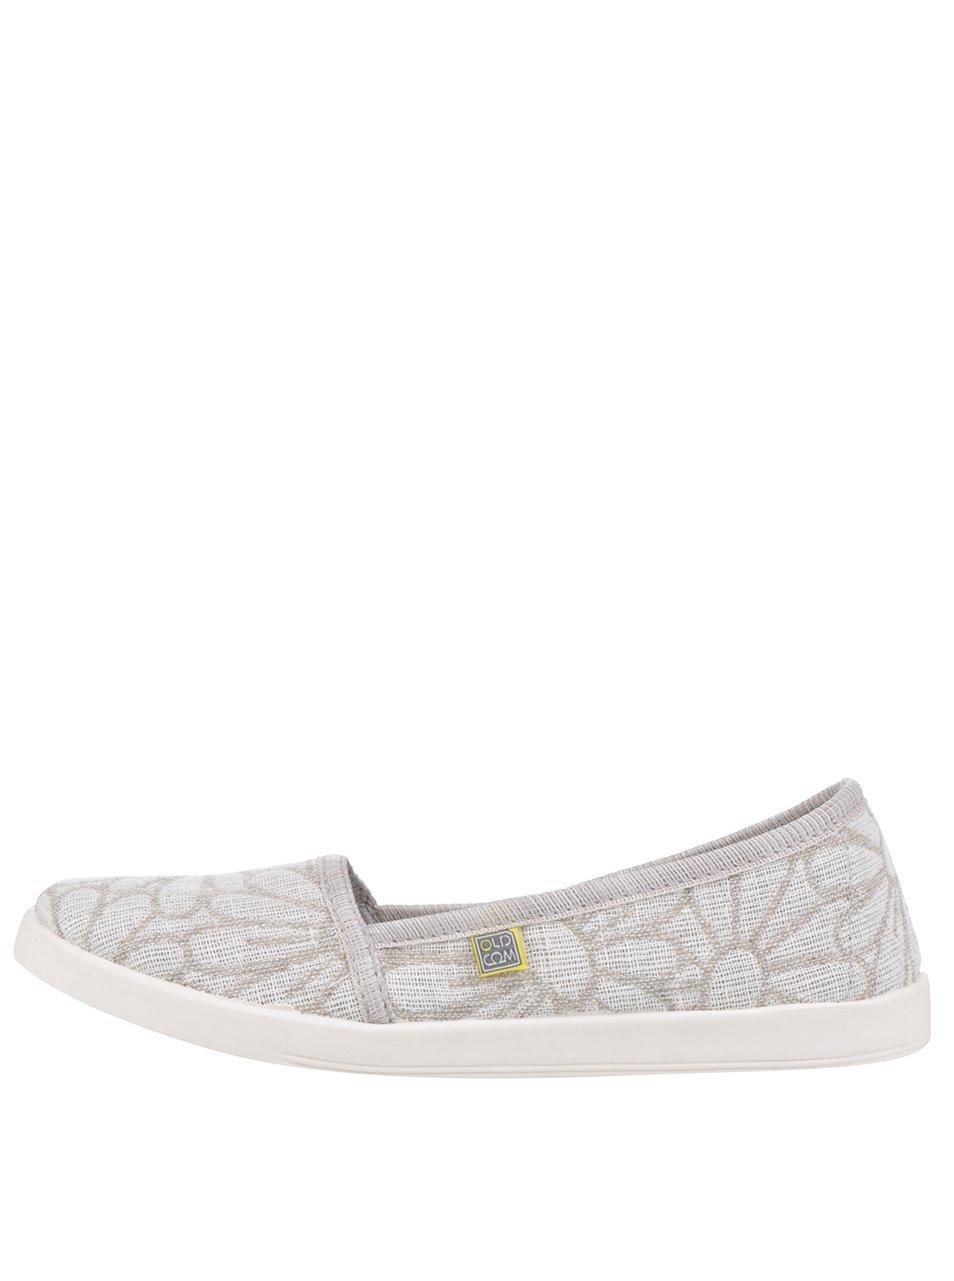 Béžové dámské květované loafers Oldcom Camomille